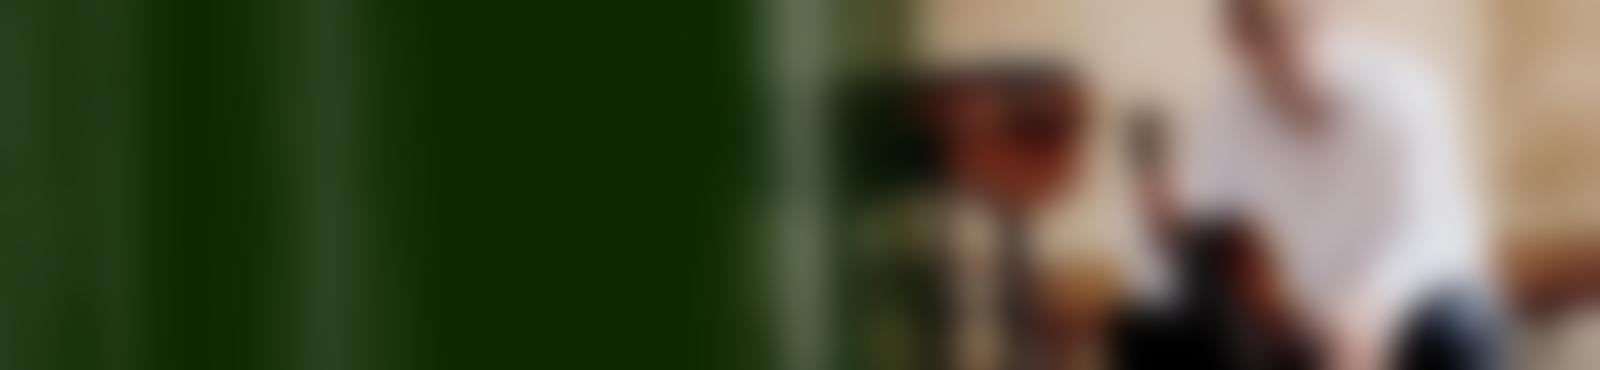 Blurred b94c933f 0900 4628 a314 e1d6c35a2757